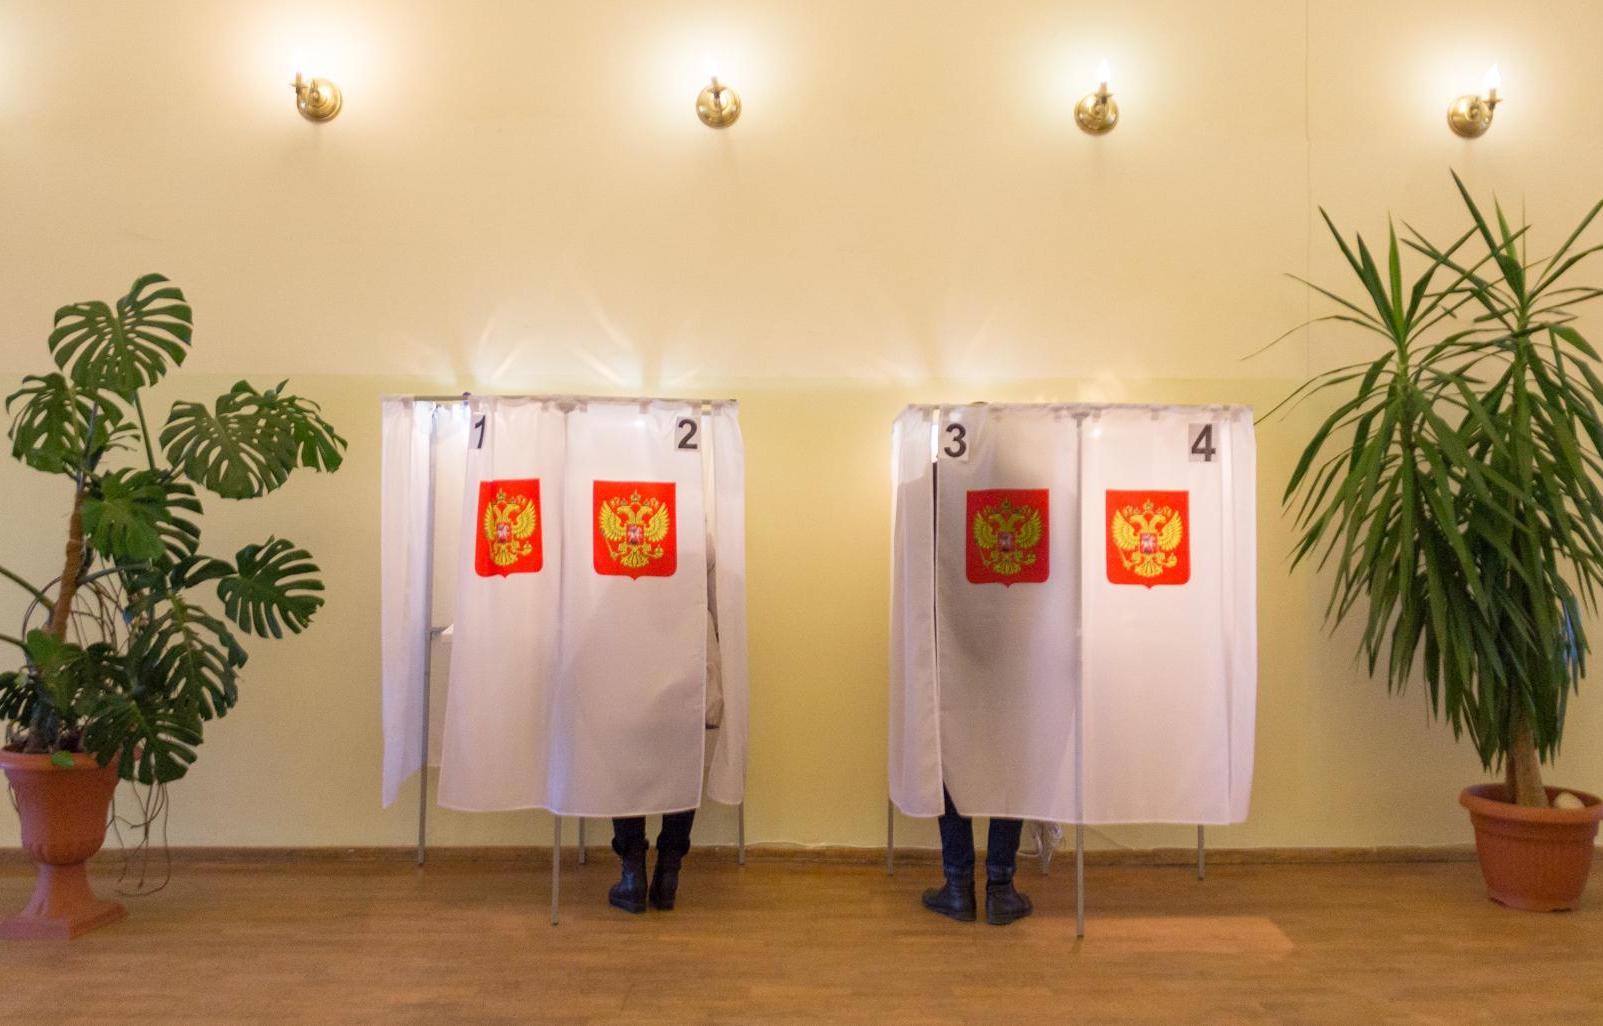 Протокол об итогах голосования по Конституции РФ подписан в Тверской области - новости Афанасий